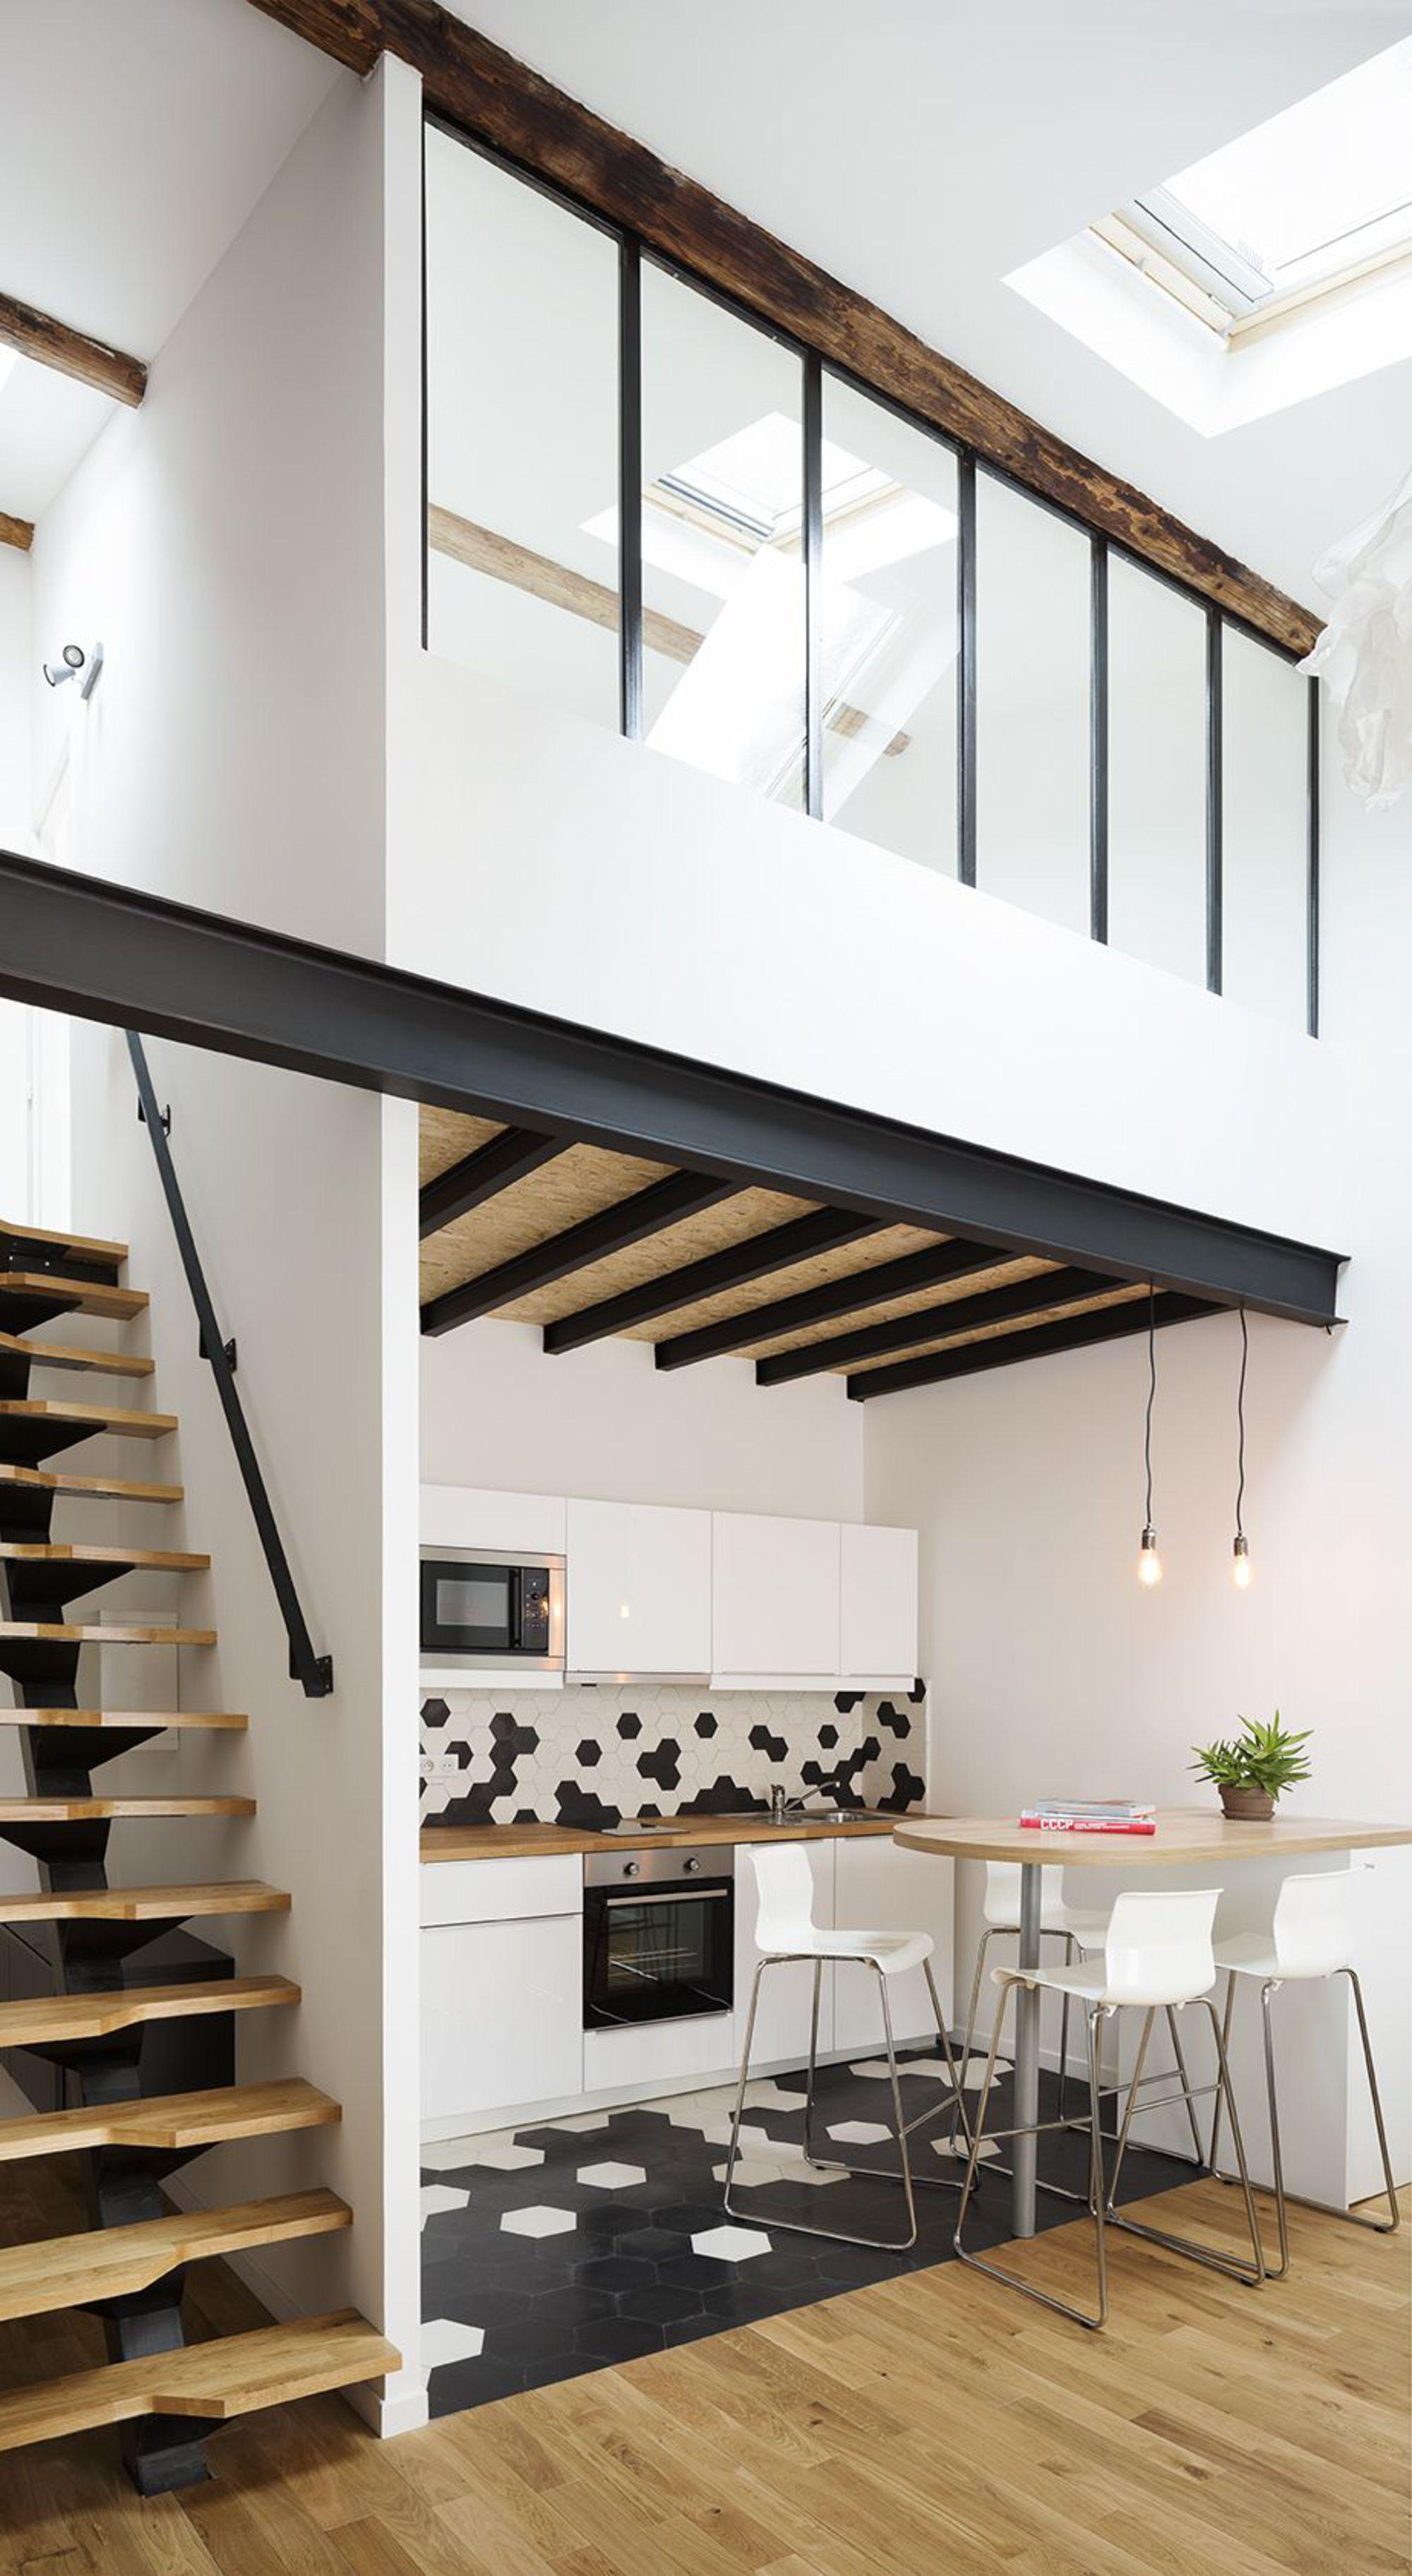 Appartement montpellier 57 m2 avec mezzanine escalier r novation mezzanine verriere - Decorer son studio ...